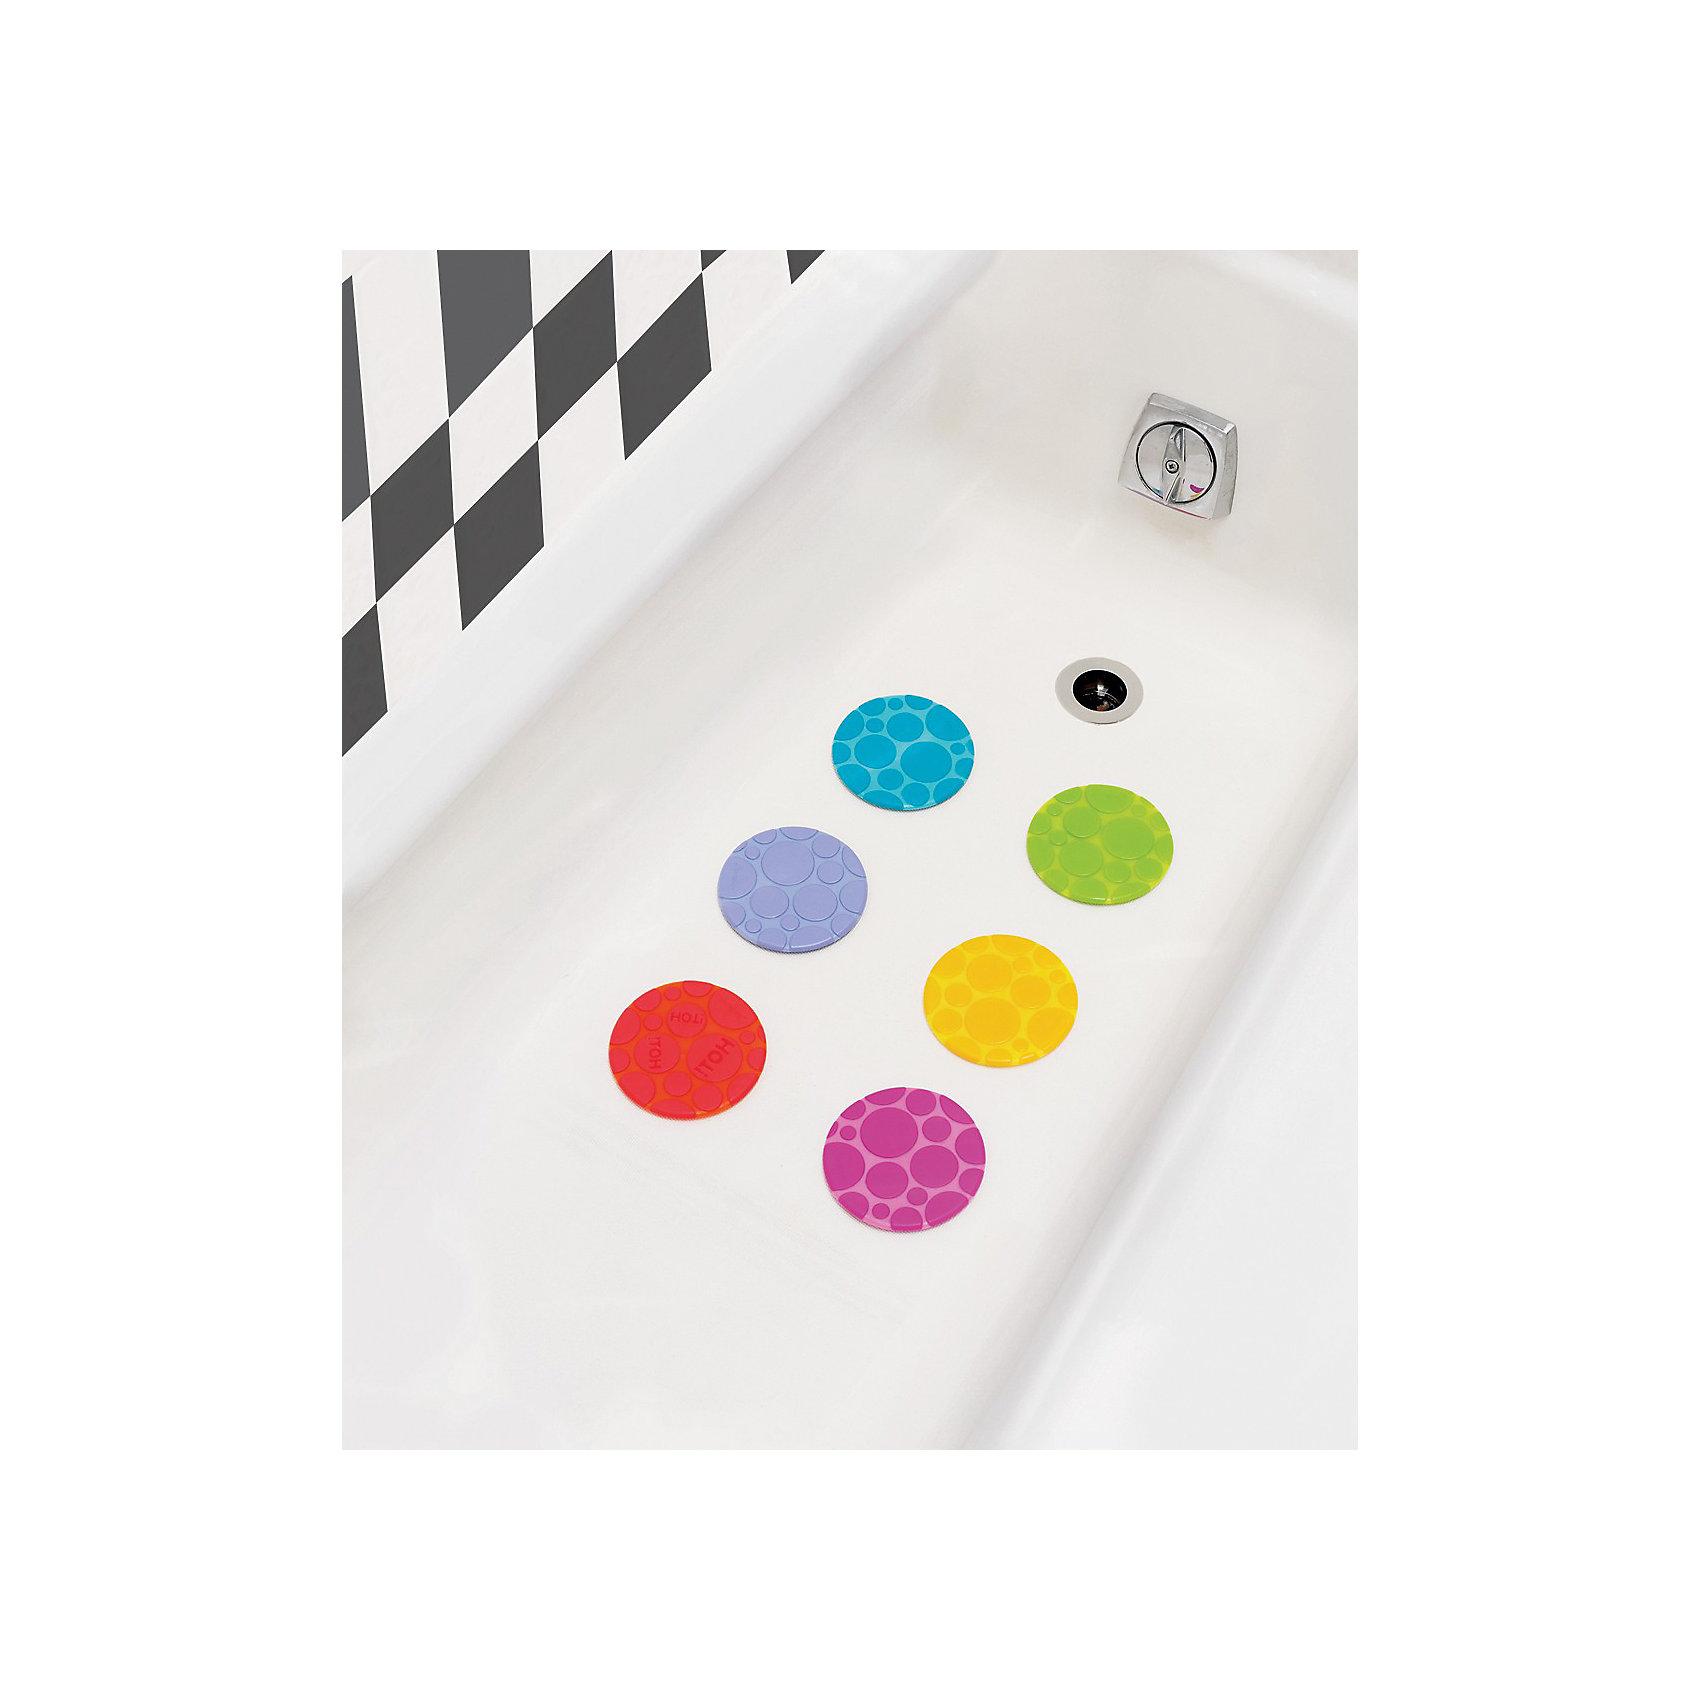 Набор ковриков для ванной 6 шт., MunchkinПрочие аксессуары<br>Набор ковриков для ванной Munchkin (6 шт в комплекте)<br><br>6 цепкихтекстурированныхковриков-накладок помогаютпредотвратить скольжение в ванне. Одна накладка обладает функцией White Hot Technology ®, которая предупреждает, когда вода становится слишком горячей<br><br>Дополнительная информация:<br><br>·крепко присасываются к поверхности ванной<br>·оригинальная альтернатива коврику для ванной - накладки легко чистятся, их можно размещать в любых точках ванной, там, где они нужны больше всего<br>·диаметр каждого коврика 11 см<br><br>Кредо Munchkin, американской компании с 20-летней историей: избавить мир от надоевших и прозаических товаров, искать умные инновационные решения, которые превращает обыденные задачи в опыт, приносящий удовольствие. Понимая, что наибольшее значение в быту имеют именно мелочи, компания создает уникальные товары, которые помогают поддерживать порядок, организовывать пространство, облегчают уход за детьми – недаром компания имеет уже более 140 патентов и изобретений, используемых в создании ее неповторимой и оригинальной продукции. Munchkin делает жизнь родителей легче!<br><br>Ширина мм: 178<br>Глубина мм: 254<br>Высота мм: 51<br>Вес г: 289<br>Возраст от месяцев: 0<br>Возраст до месяцев: 12<br>Пол: Унисекс<br>Возраст: Детский<br>SKU: 3174950